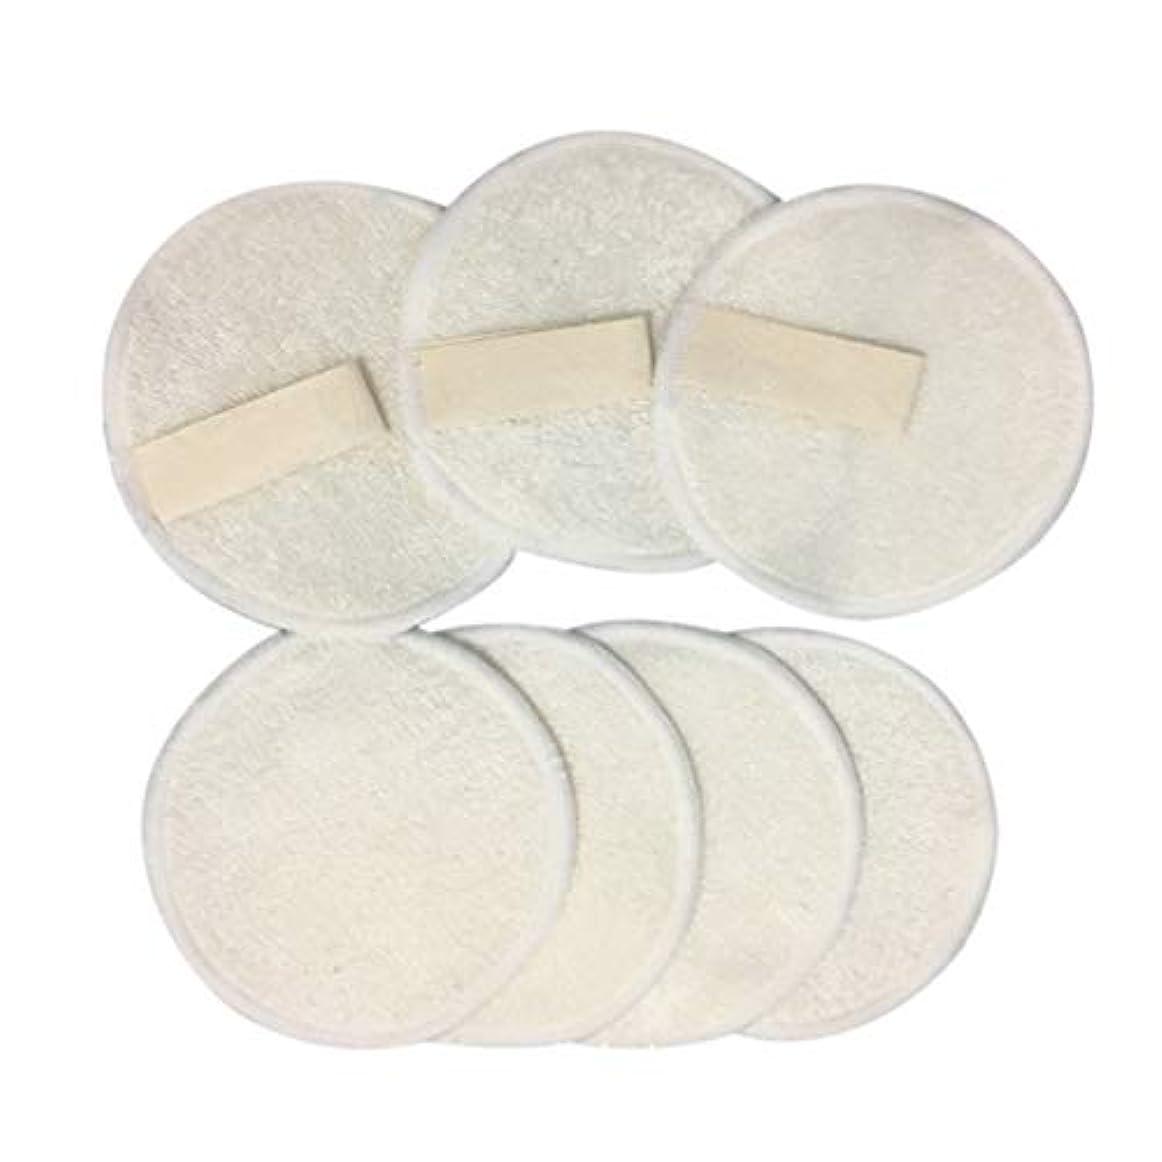 粘性の操る限られたFrcolor 10ピース 竹メイクリムーバーパッド 3層 再利用可能 綿 ラウンド パッドクレンジングワイプウォッシャブルクリーンスキンケア用女性